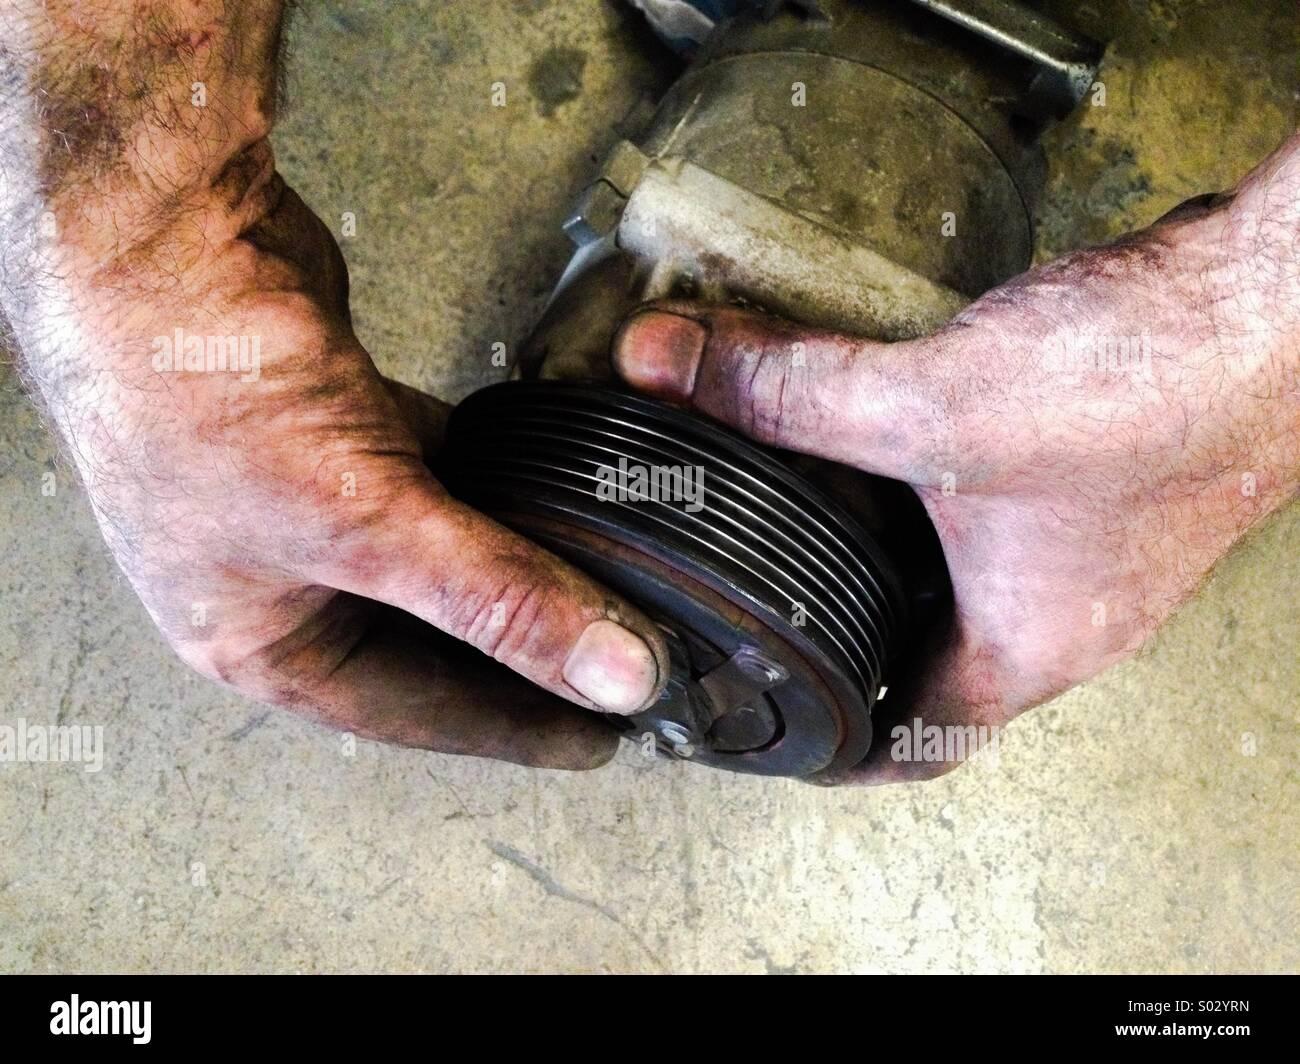 Manipulación de un mecánico de automóviles parte de aire acondicionado. Imagen De Stock